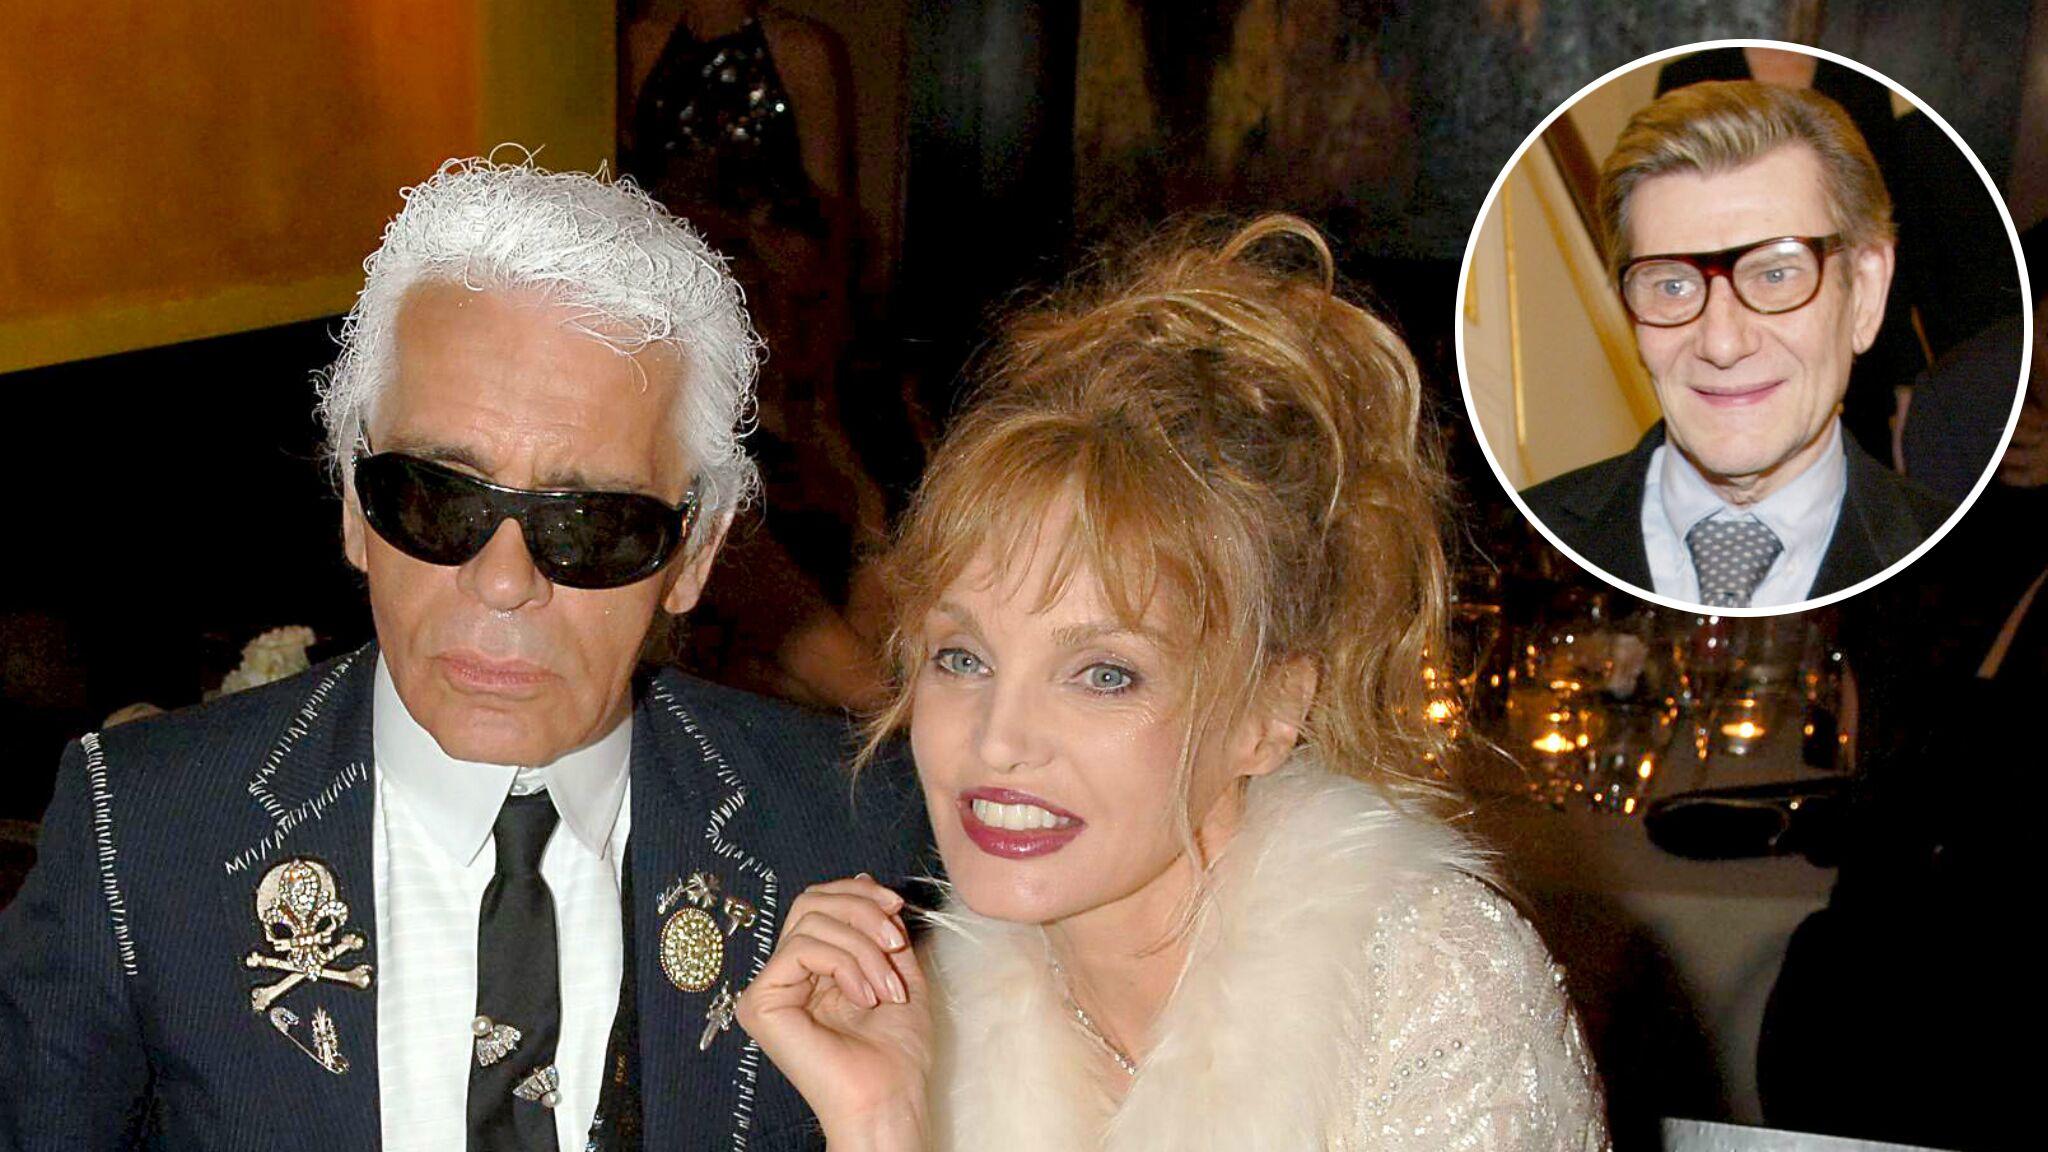 Karl Lagerfeld : le pied de nez de son amie Arielle Dombasle lors de l'enterrement d'Yves Saint Laurent